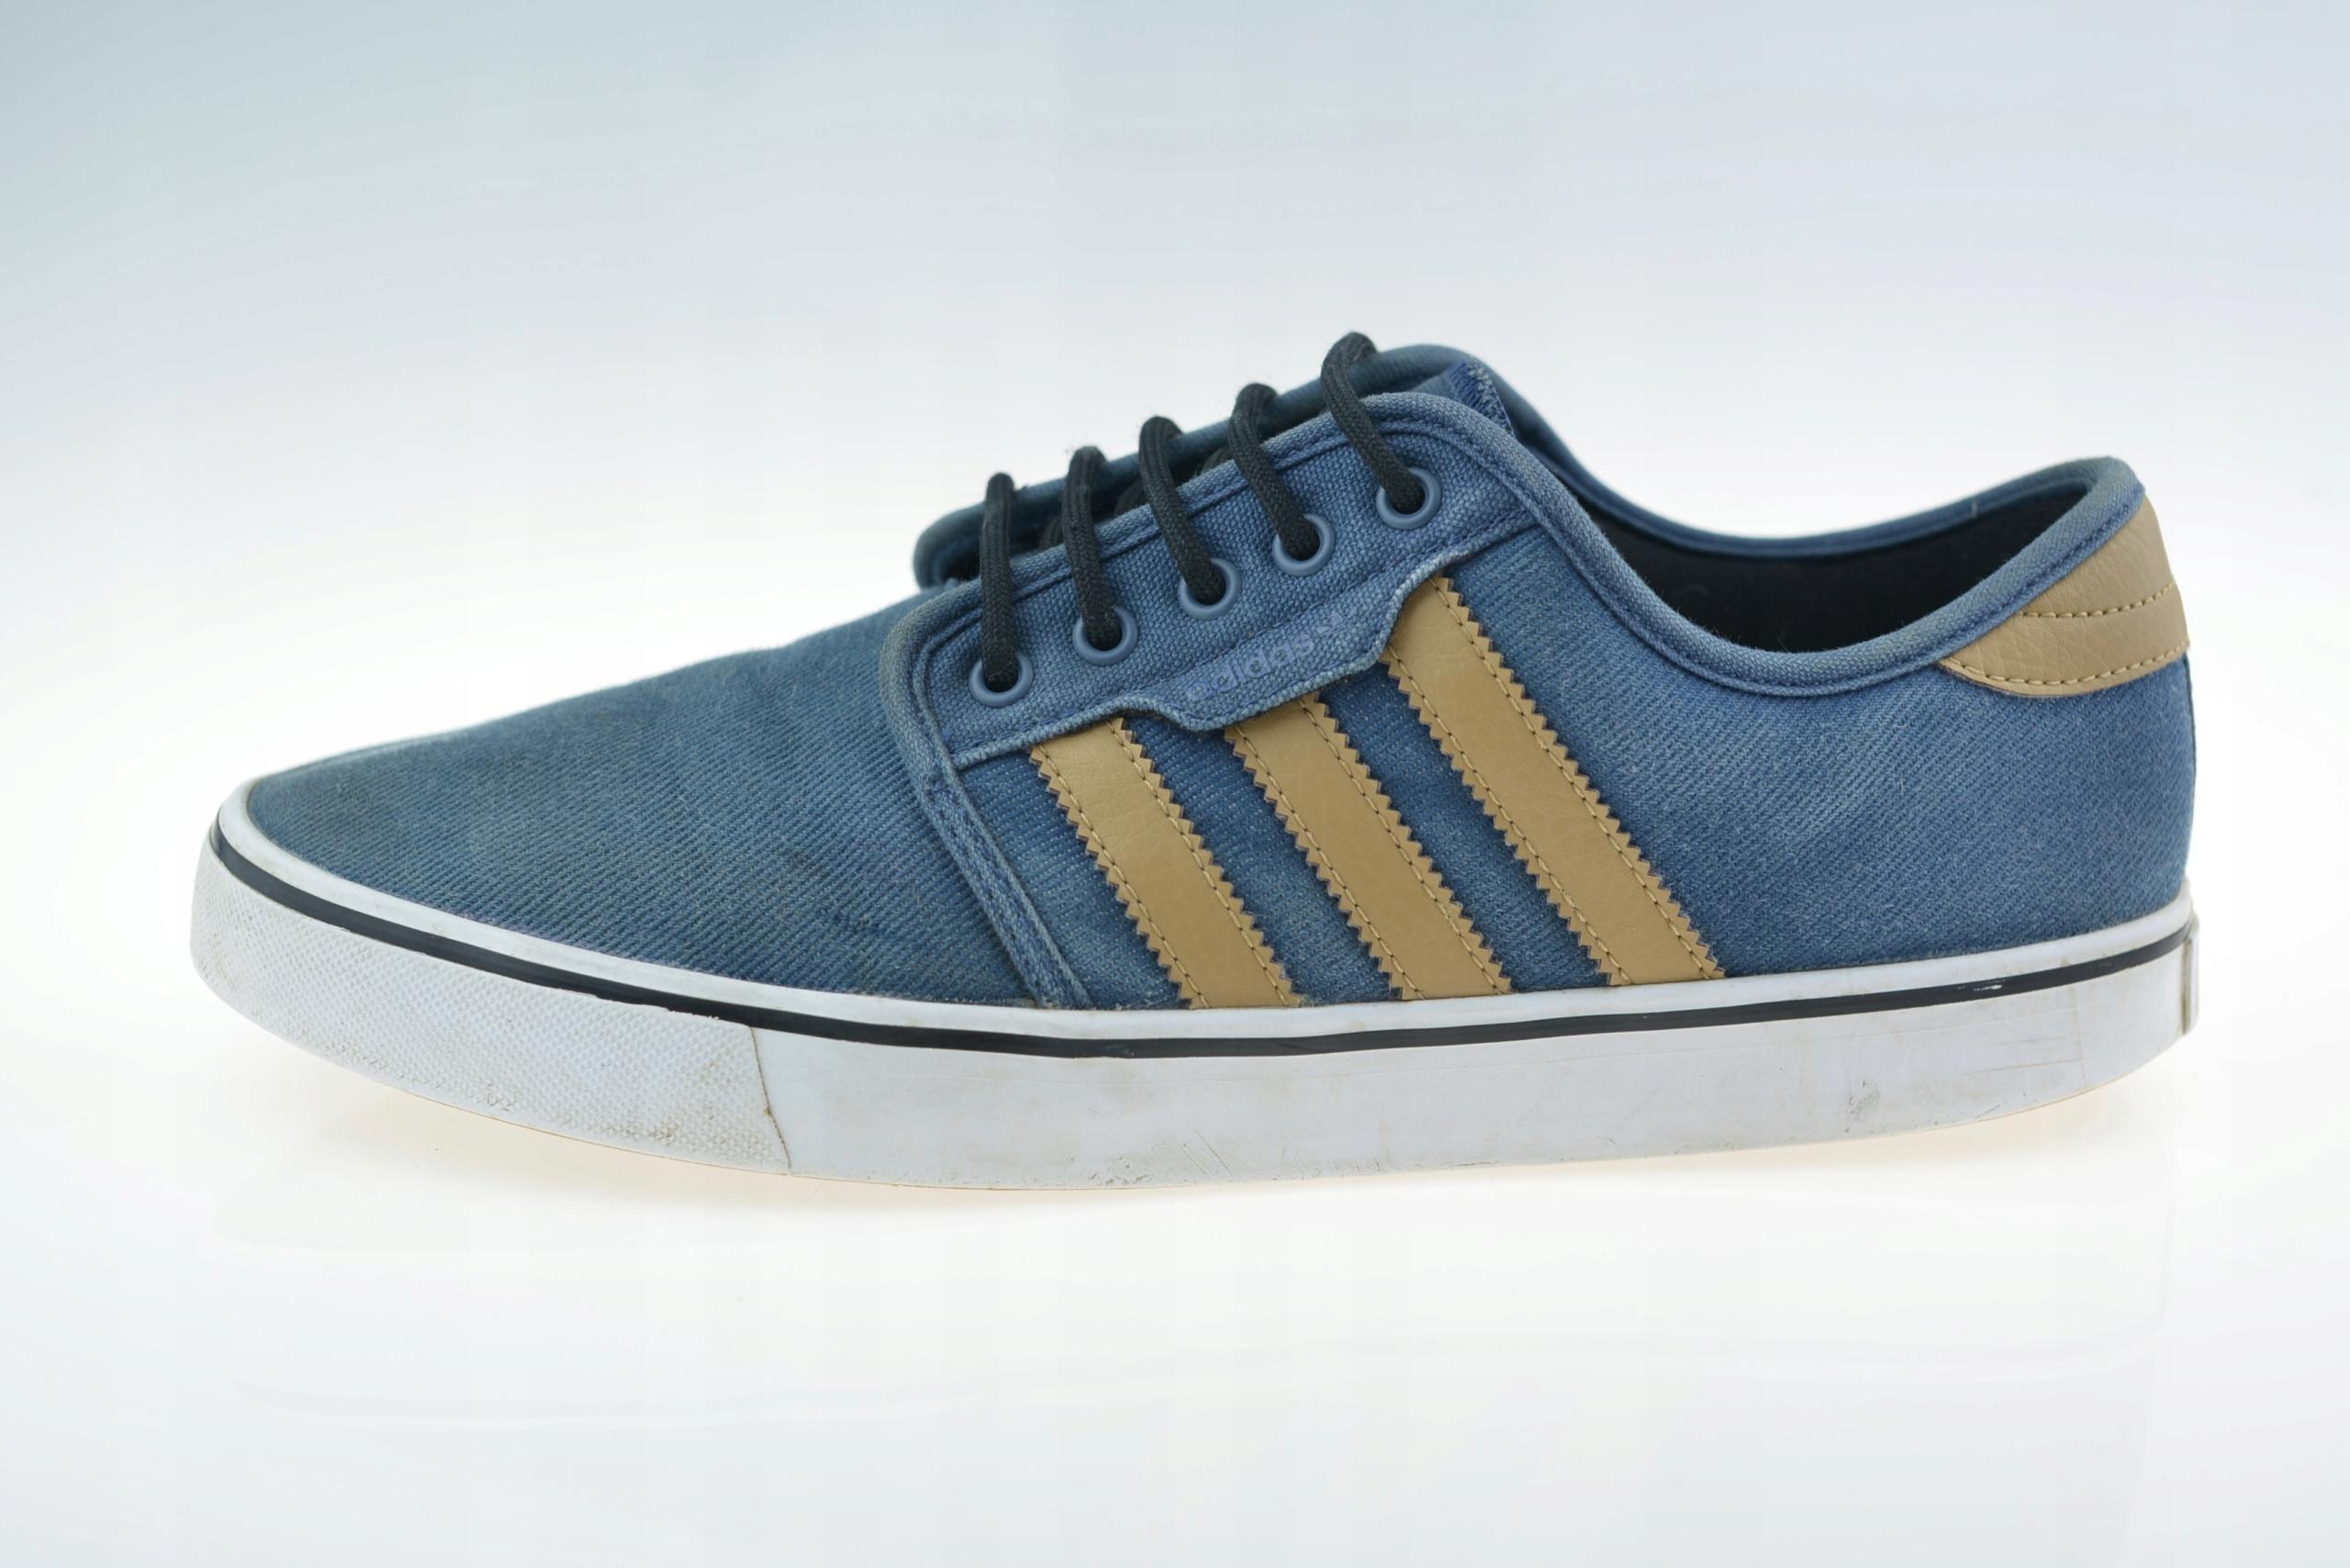 Adidas buty Seeley DB3143 44